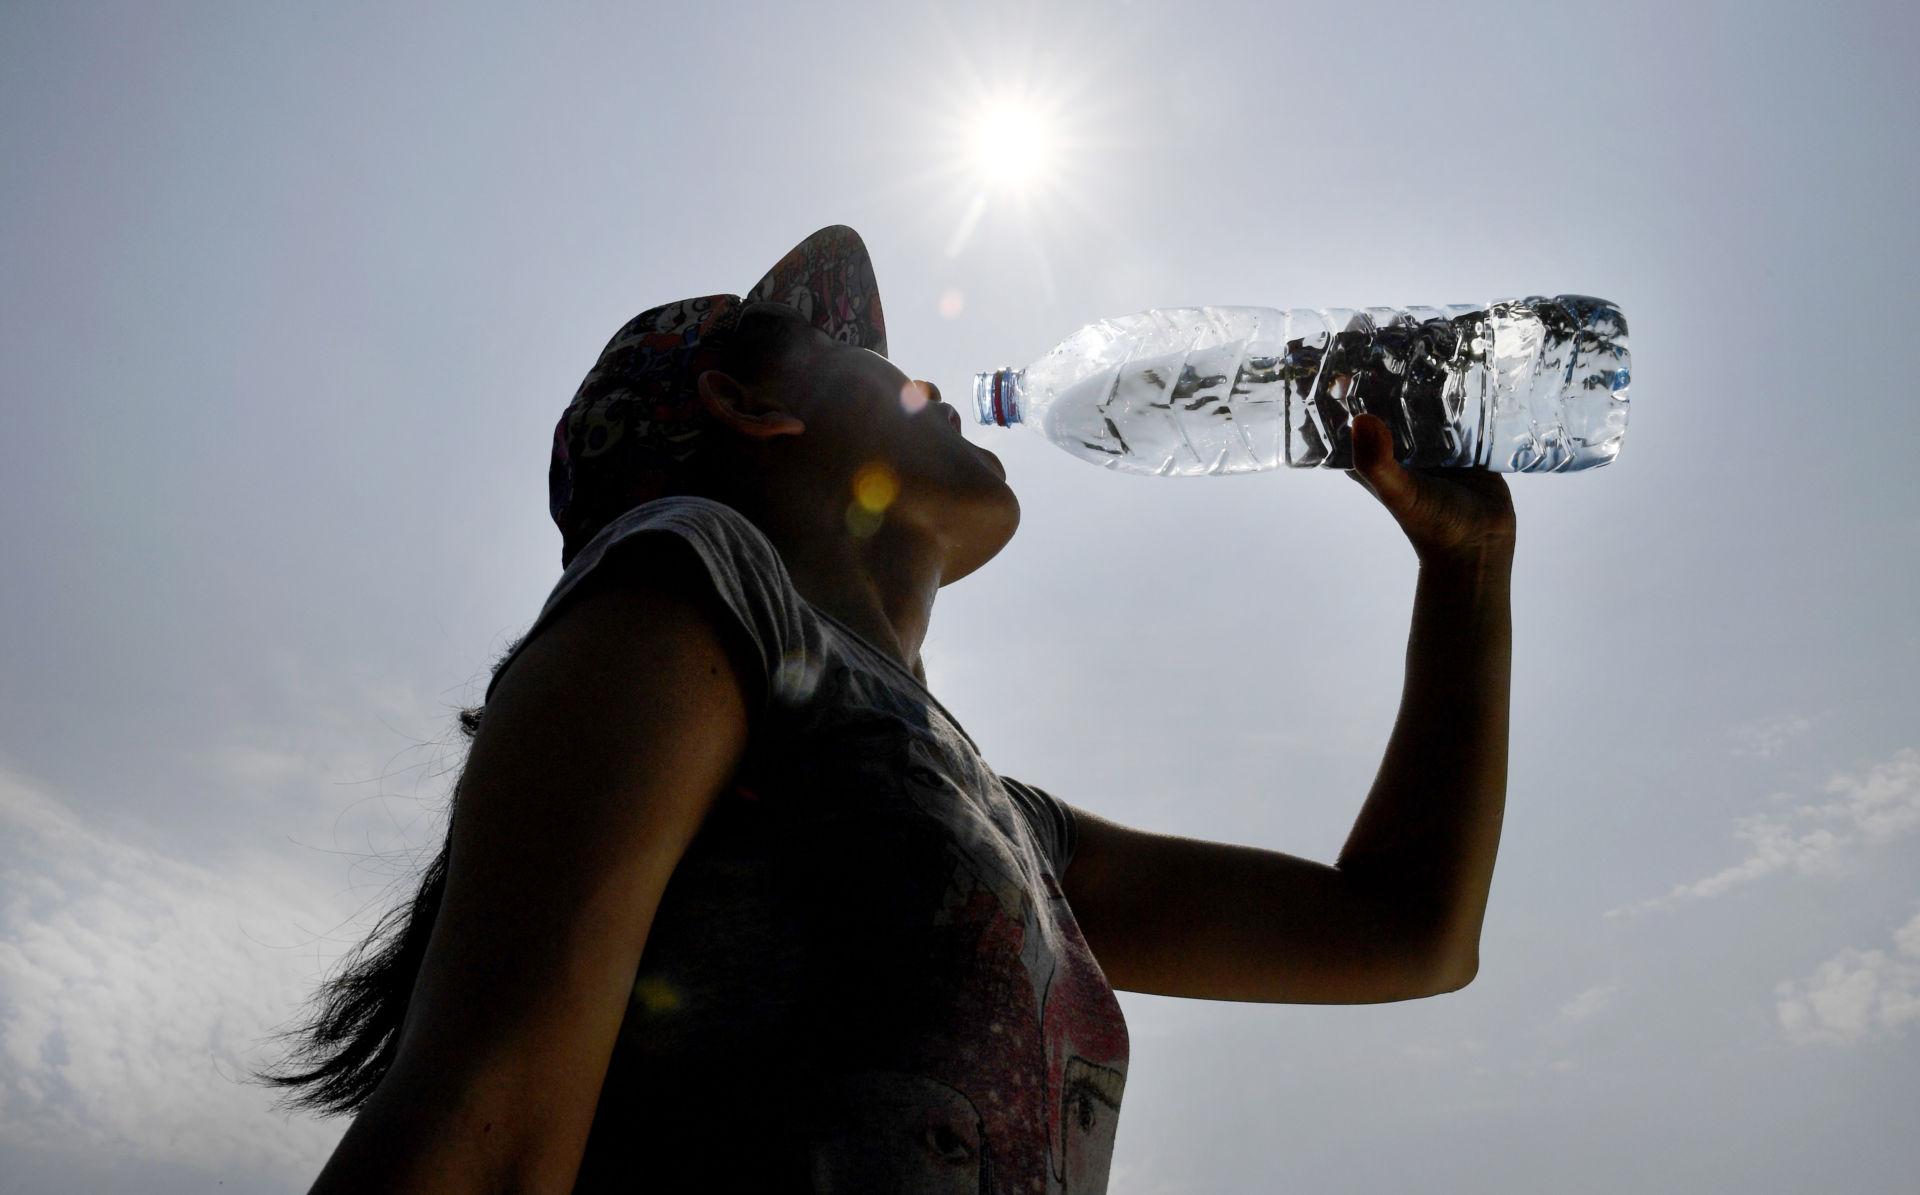 Nước tiểu và những điều cần biết - 2